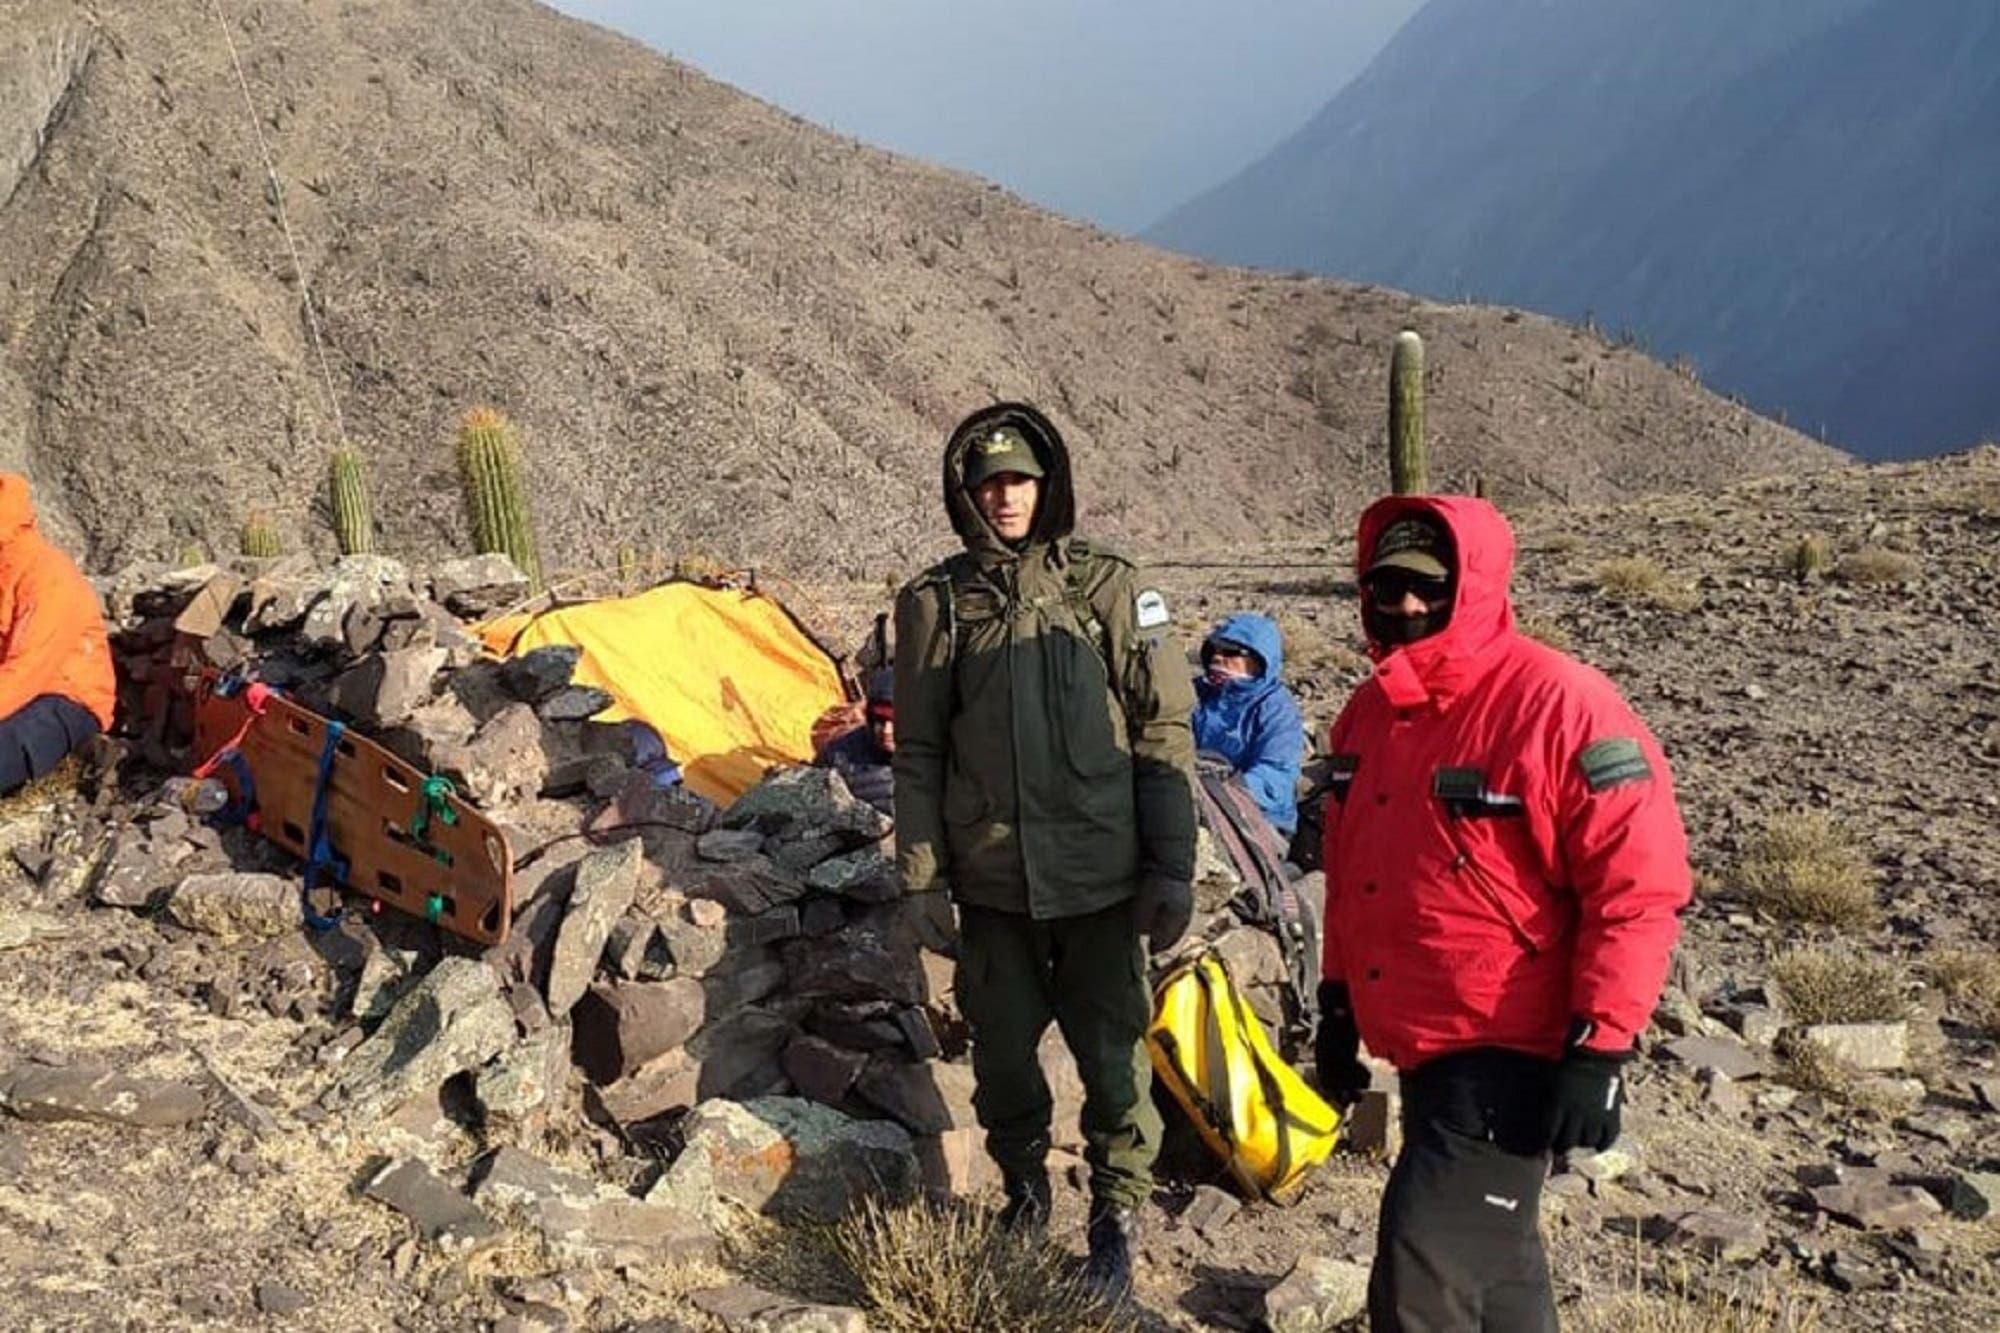 Otro rescate: esta vez, de una mujer accidentada en la alta montaña